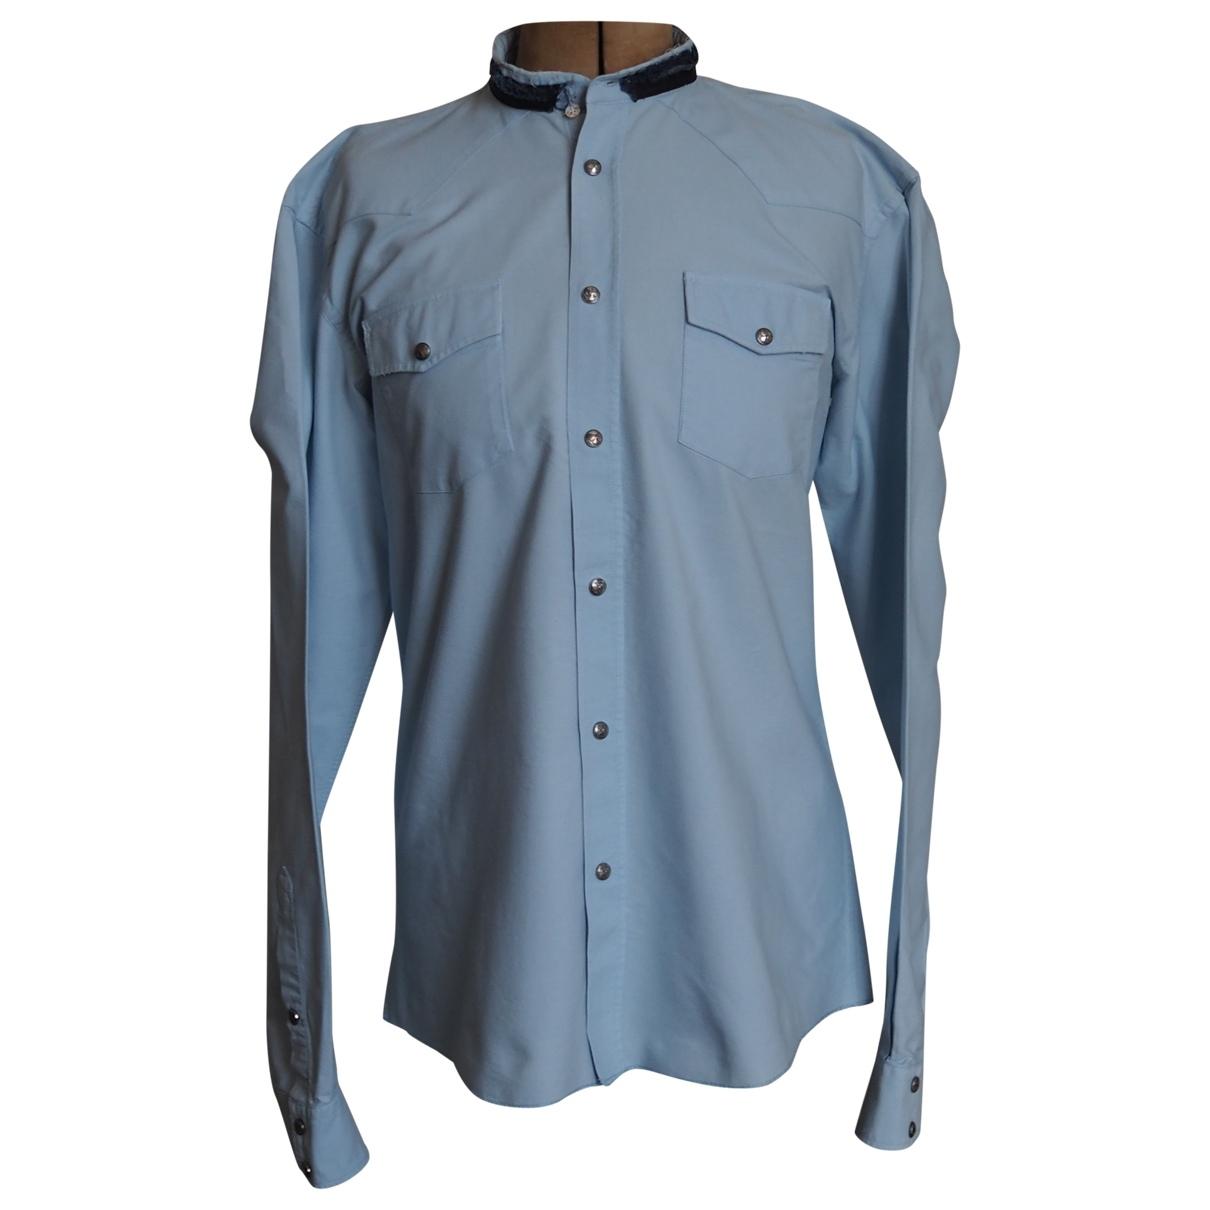 Balmain \N Blue Cotton Shirts for Men 42 EU (tour de cou / collar)